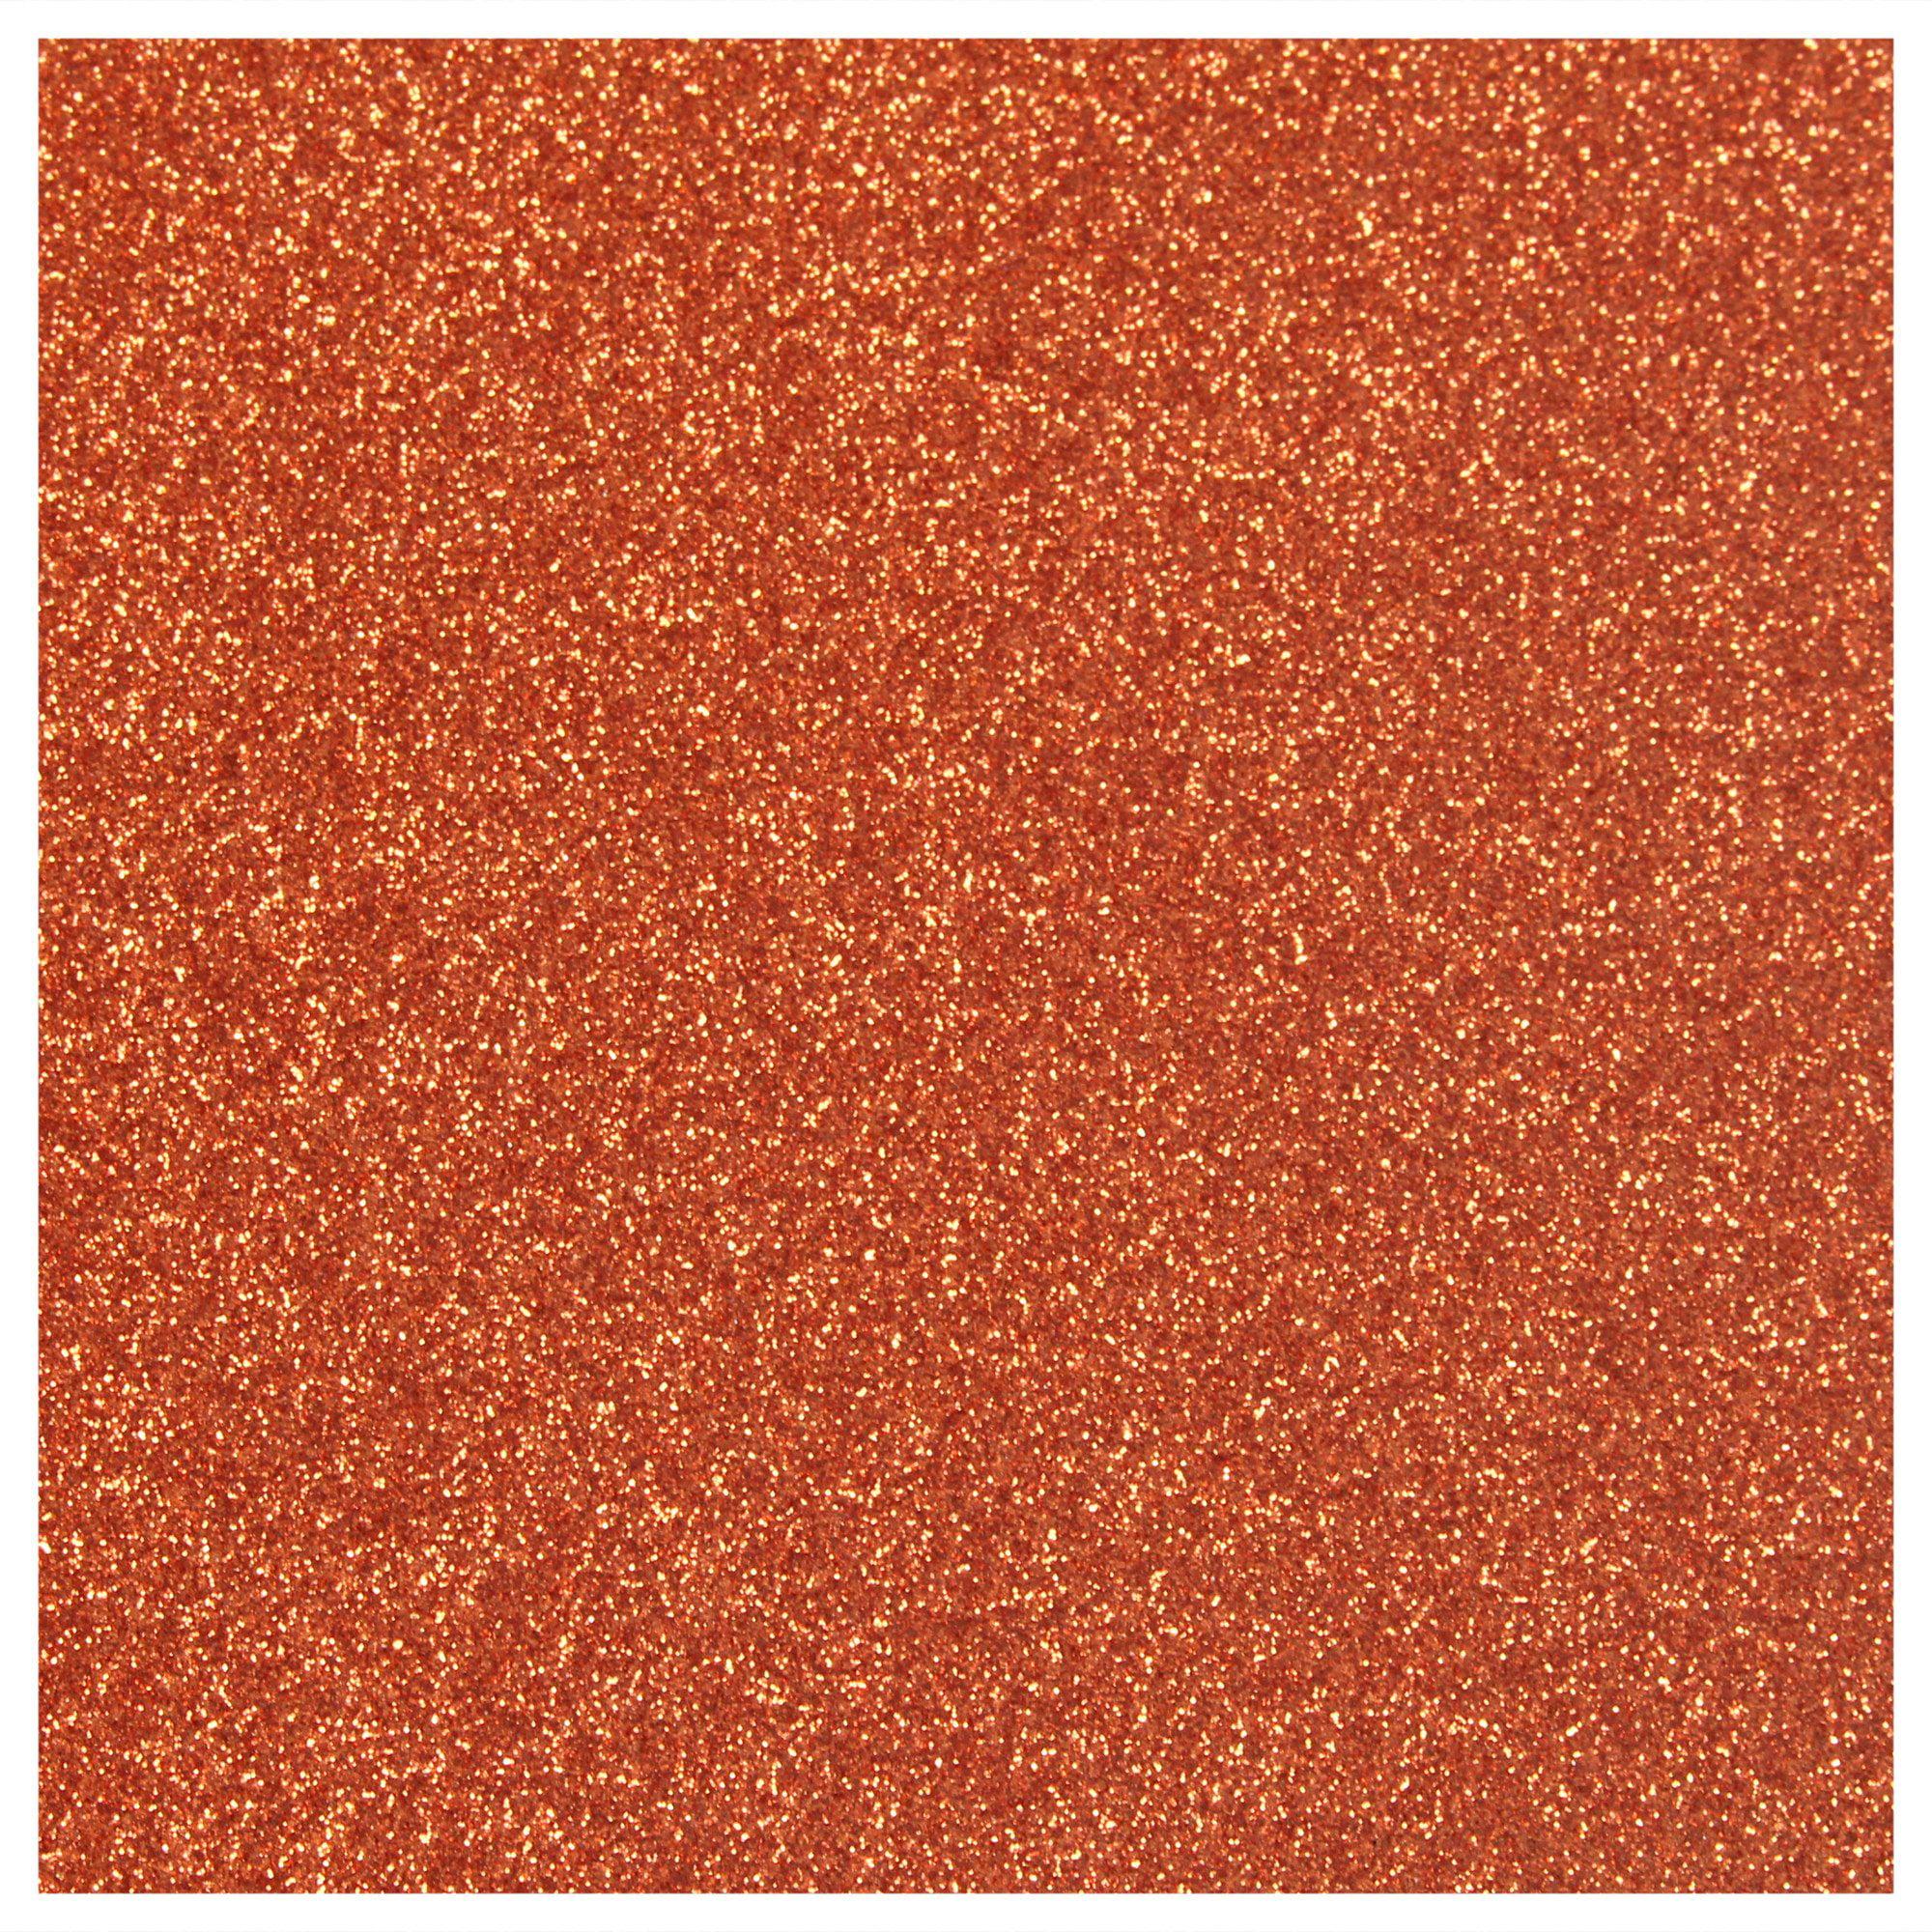 Siser Glitter Heat Transfer Material - Copper